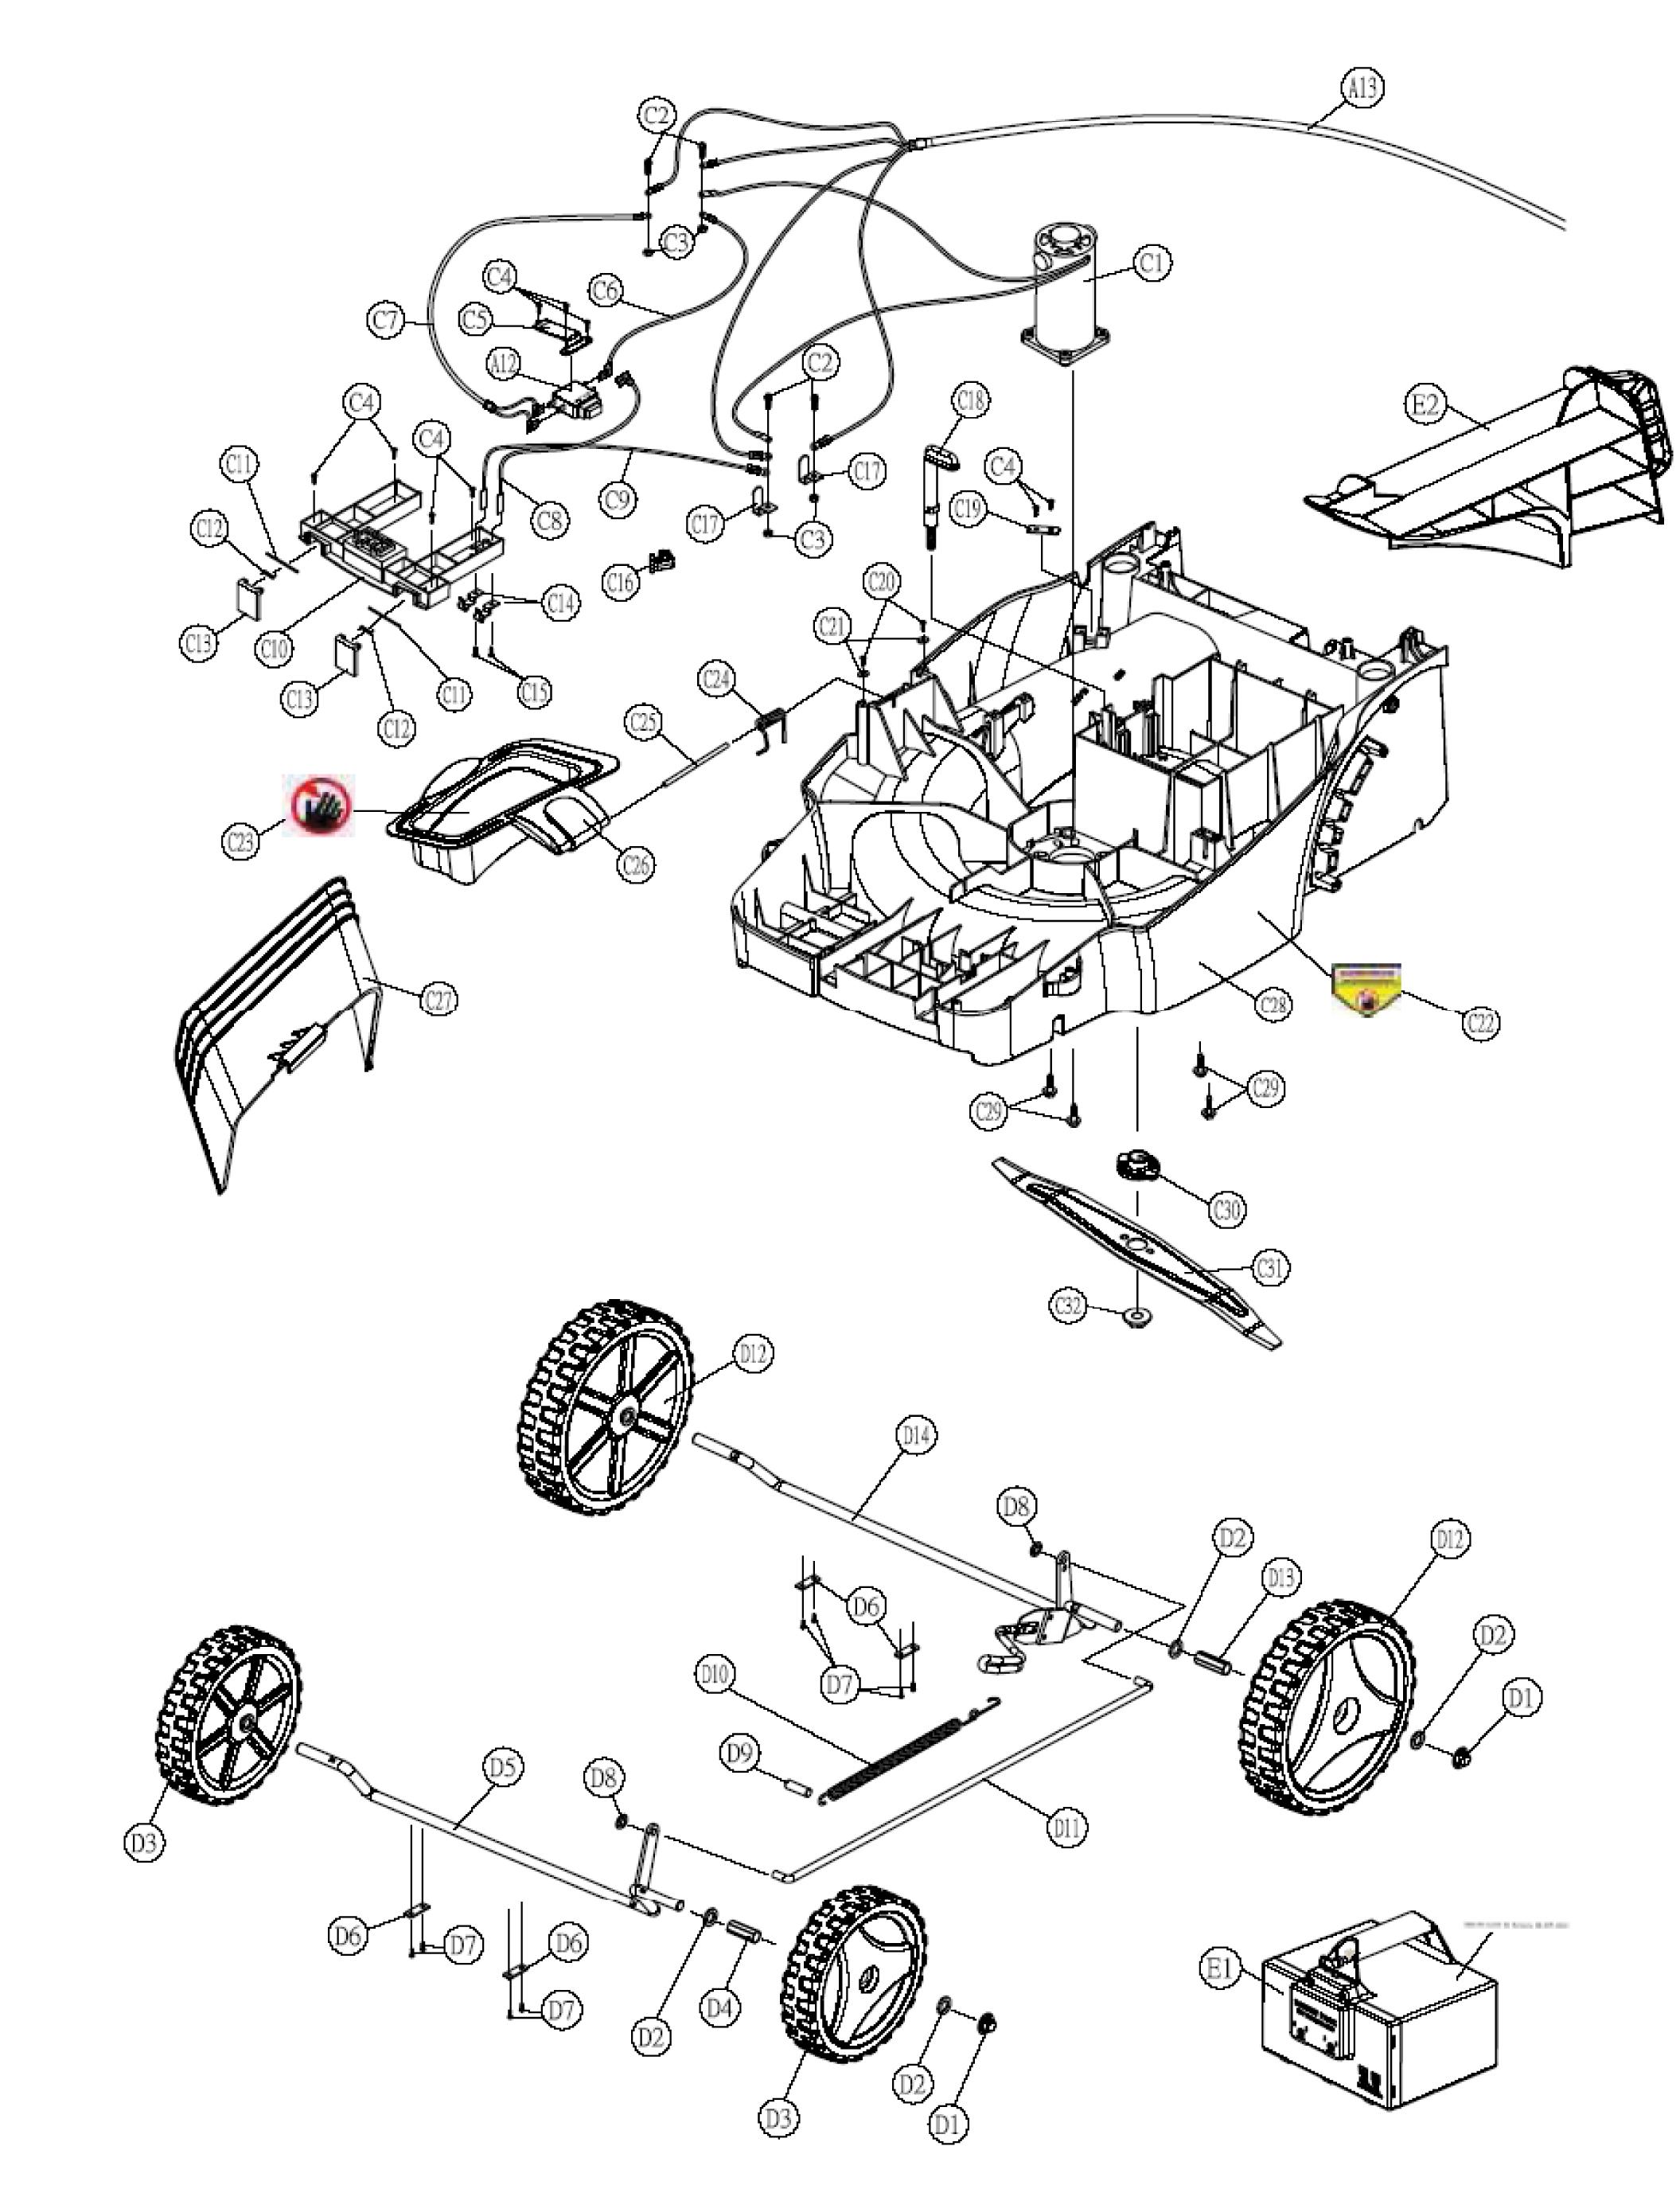 OM 461 Tondeuse à batterie  OLEOMAC vue éclatée  Dessins pièces -  Châssis